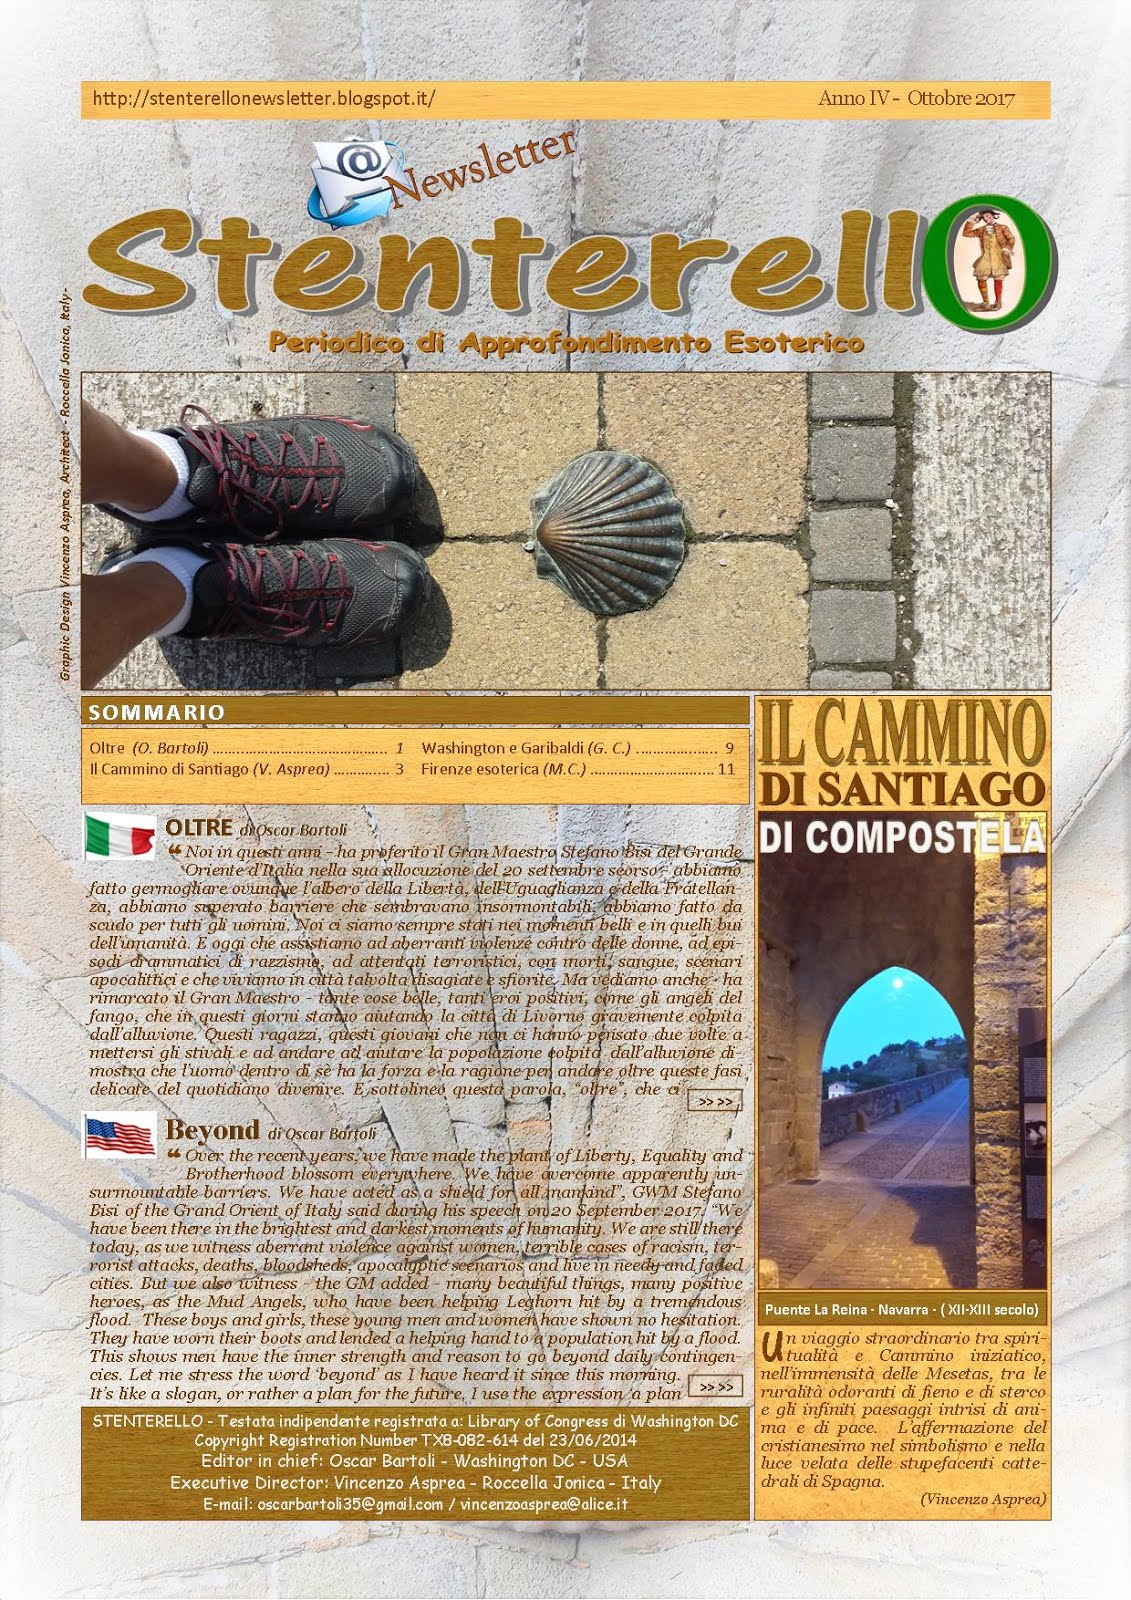 Stenterello Anno IV - Ottobre 2017